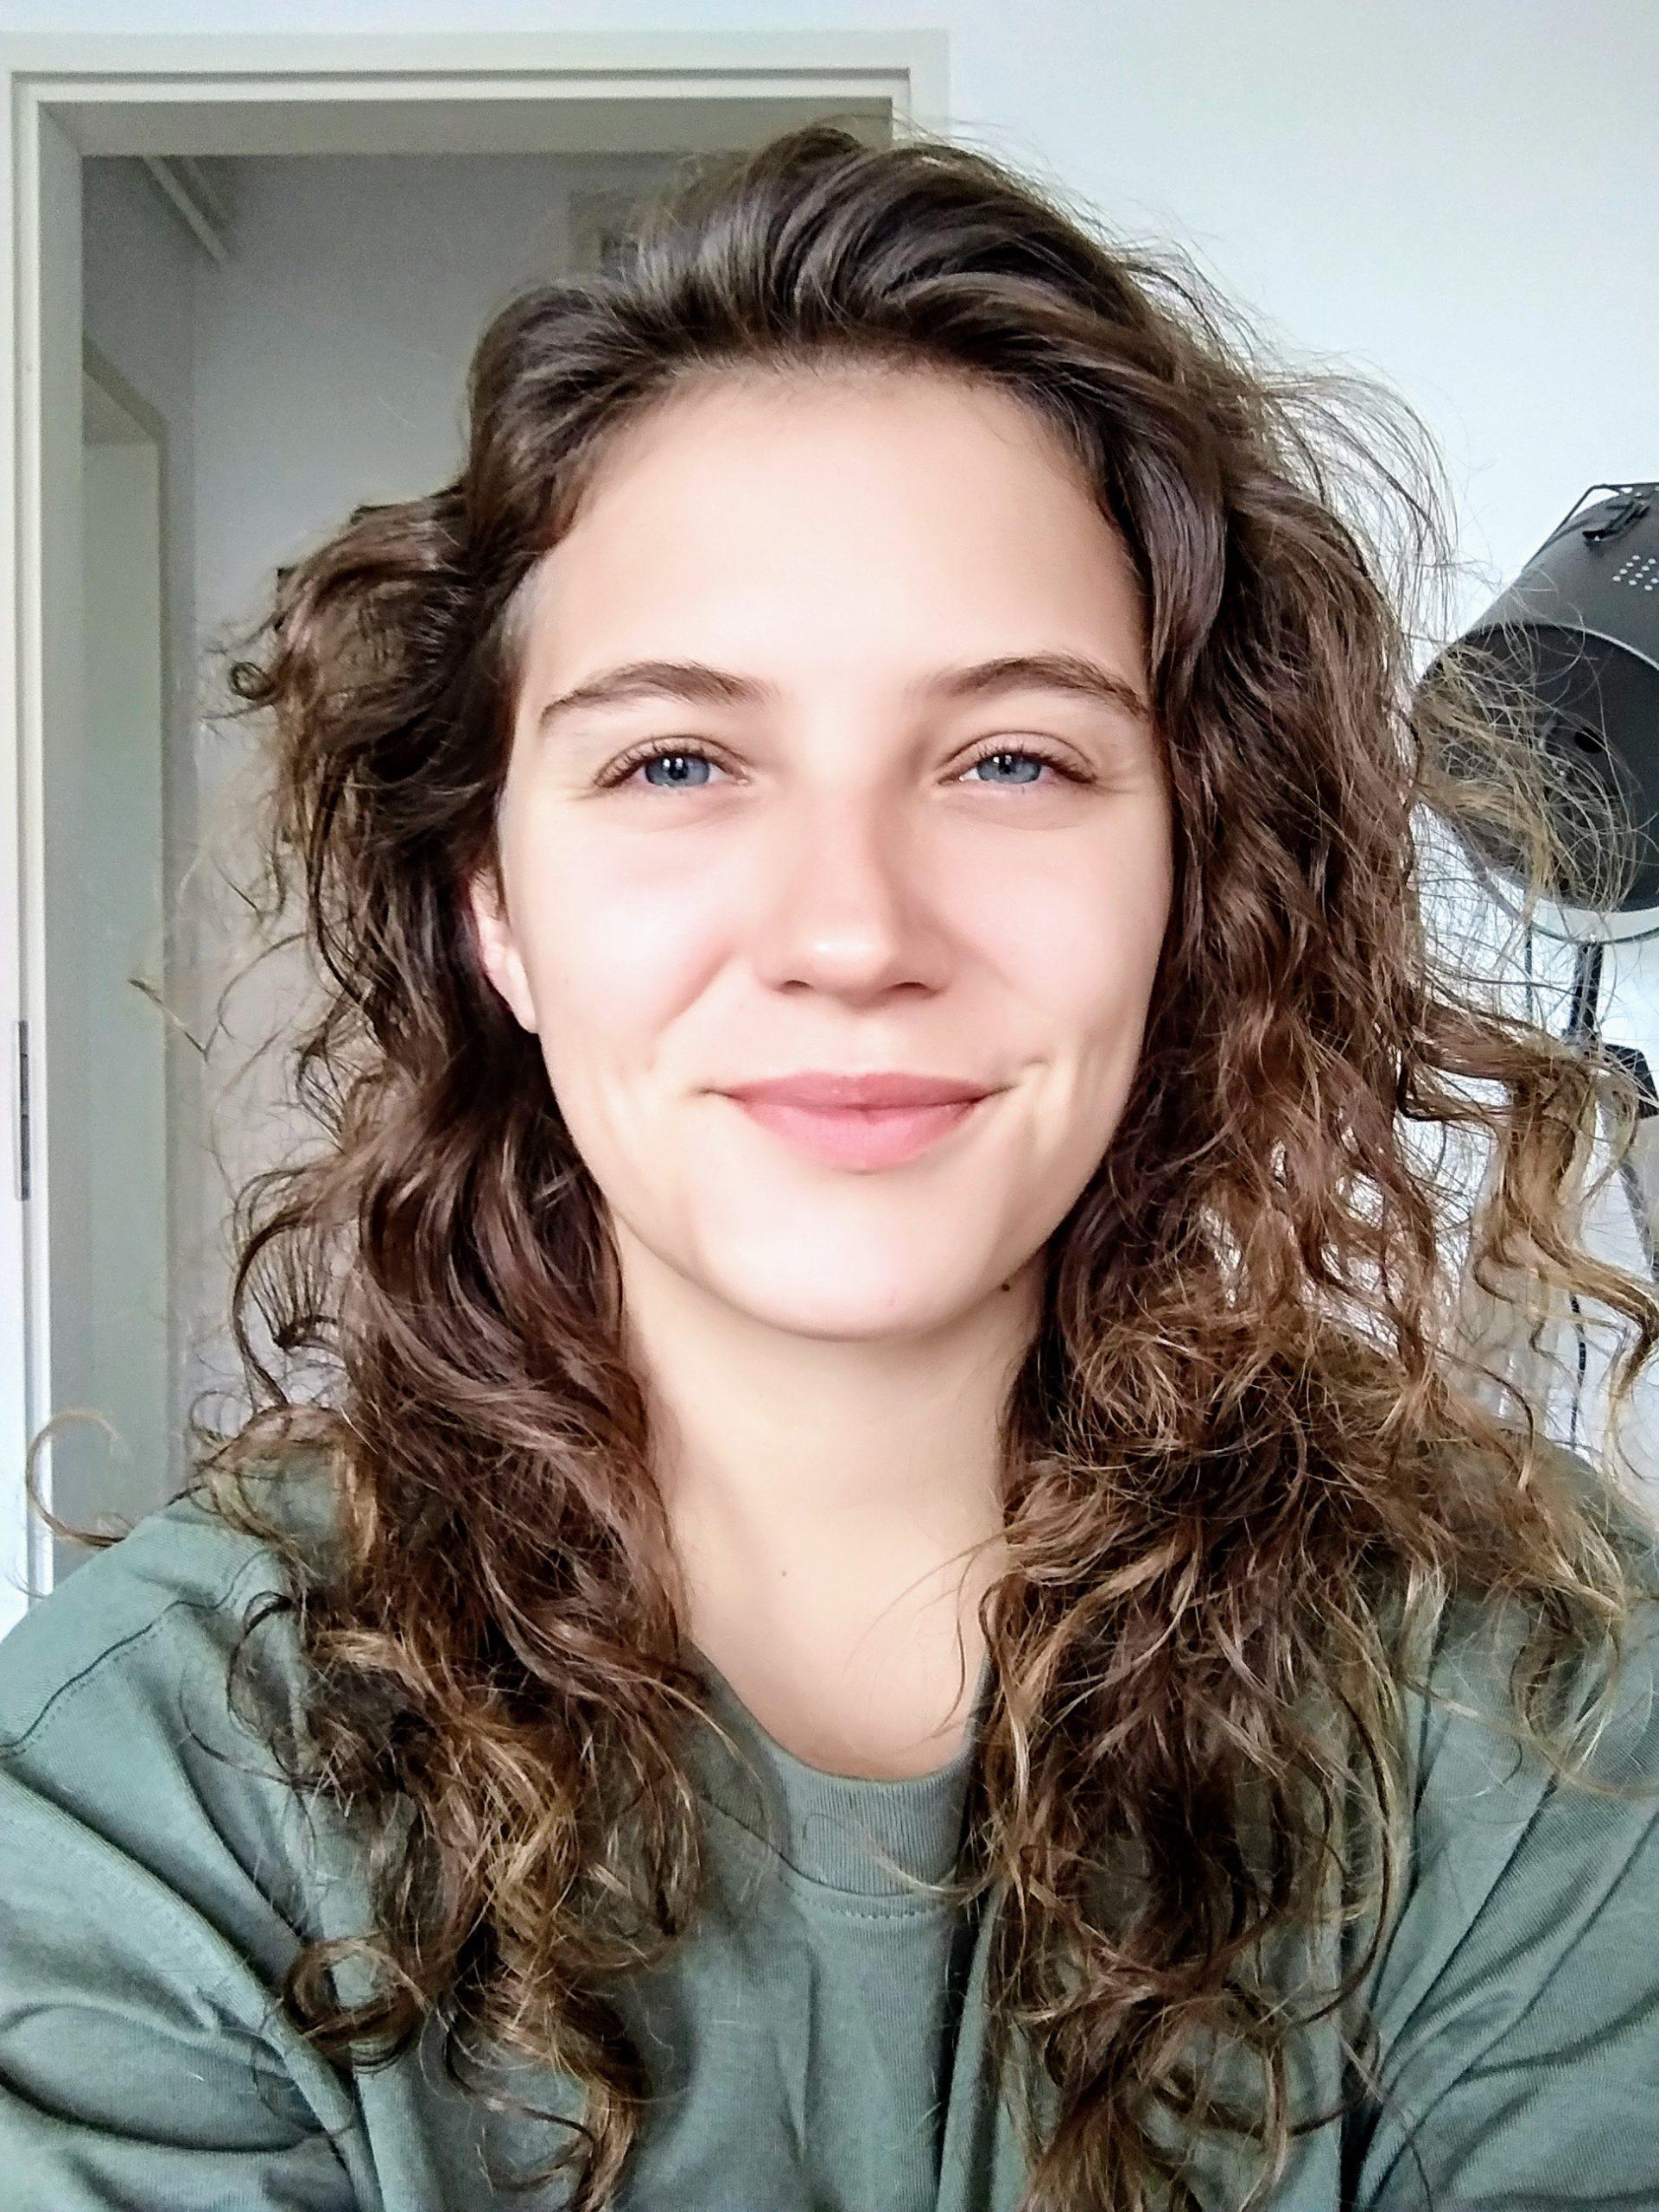 Anna Stalknecht